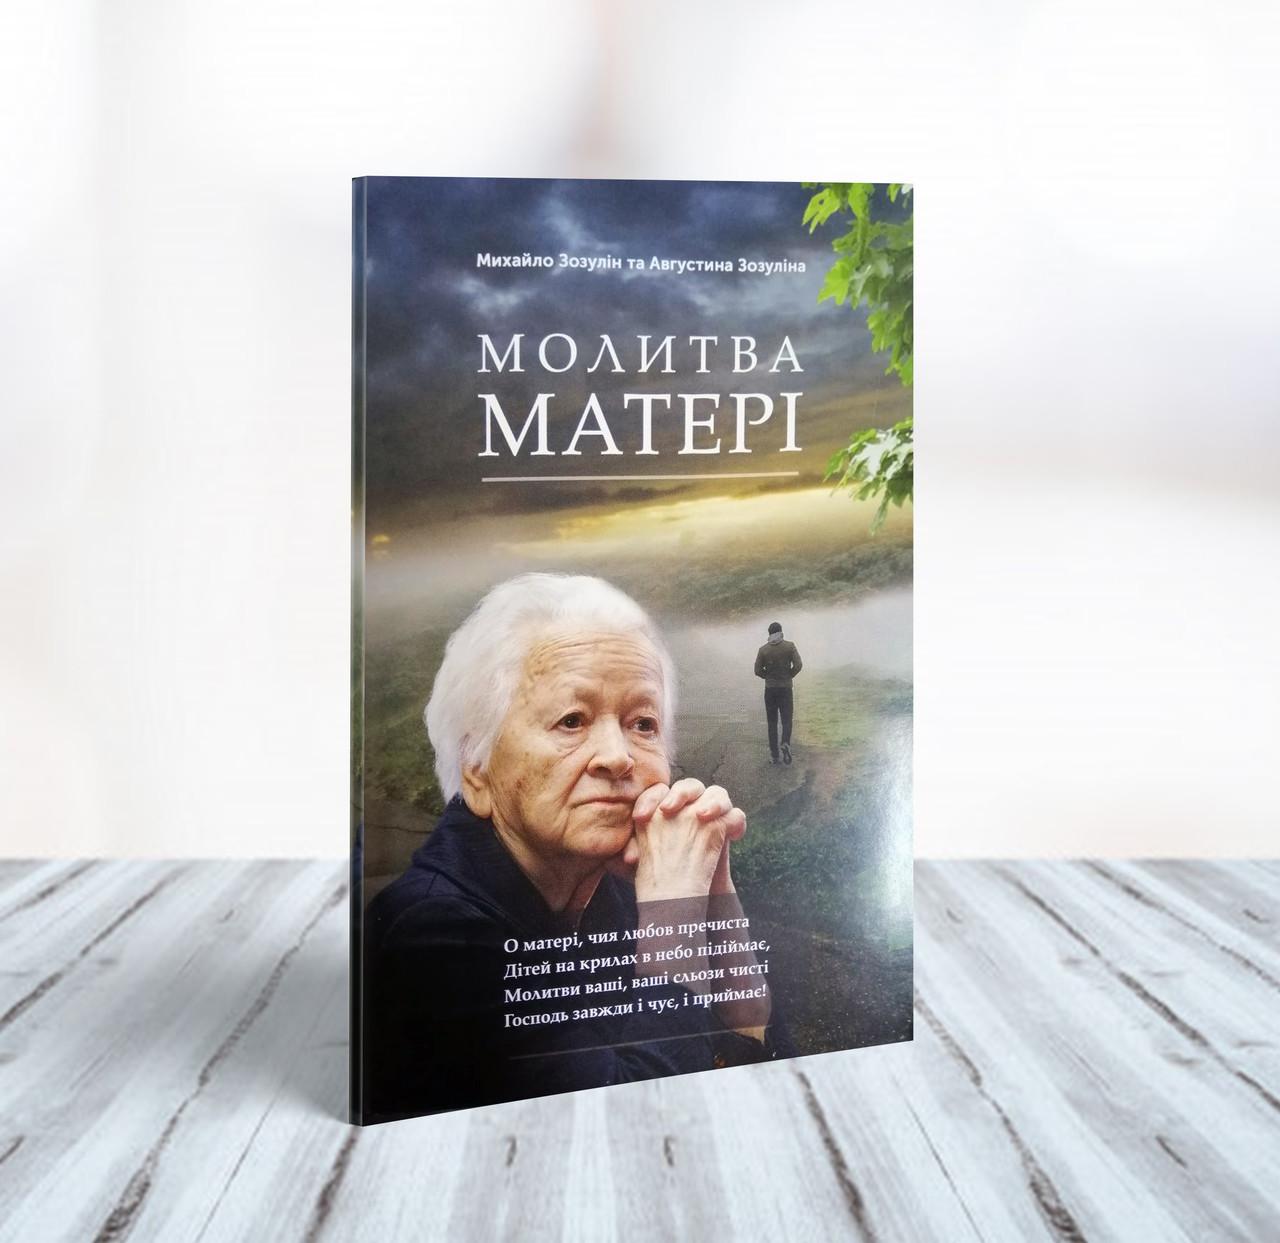 Молитва матері – Михайло Зозулін, Августина Зозуліна